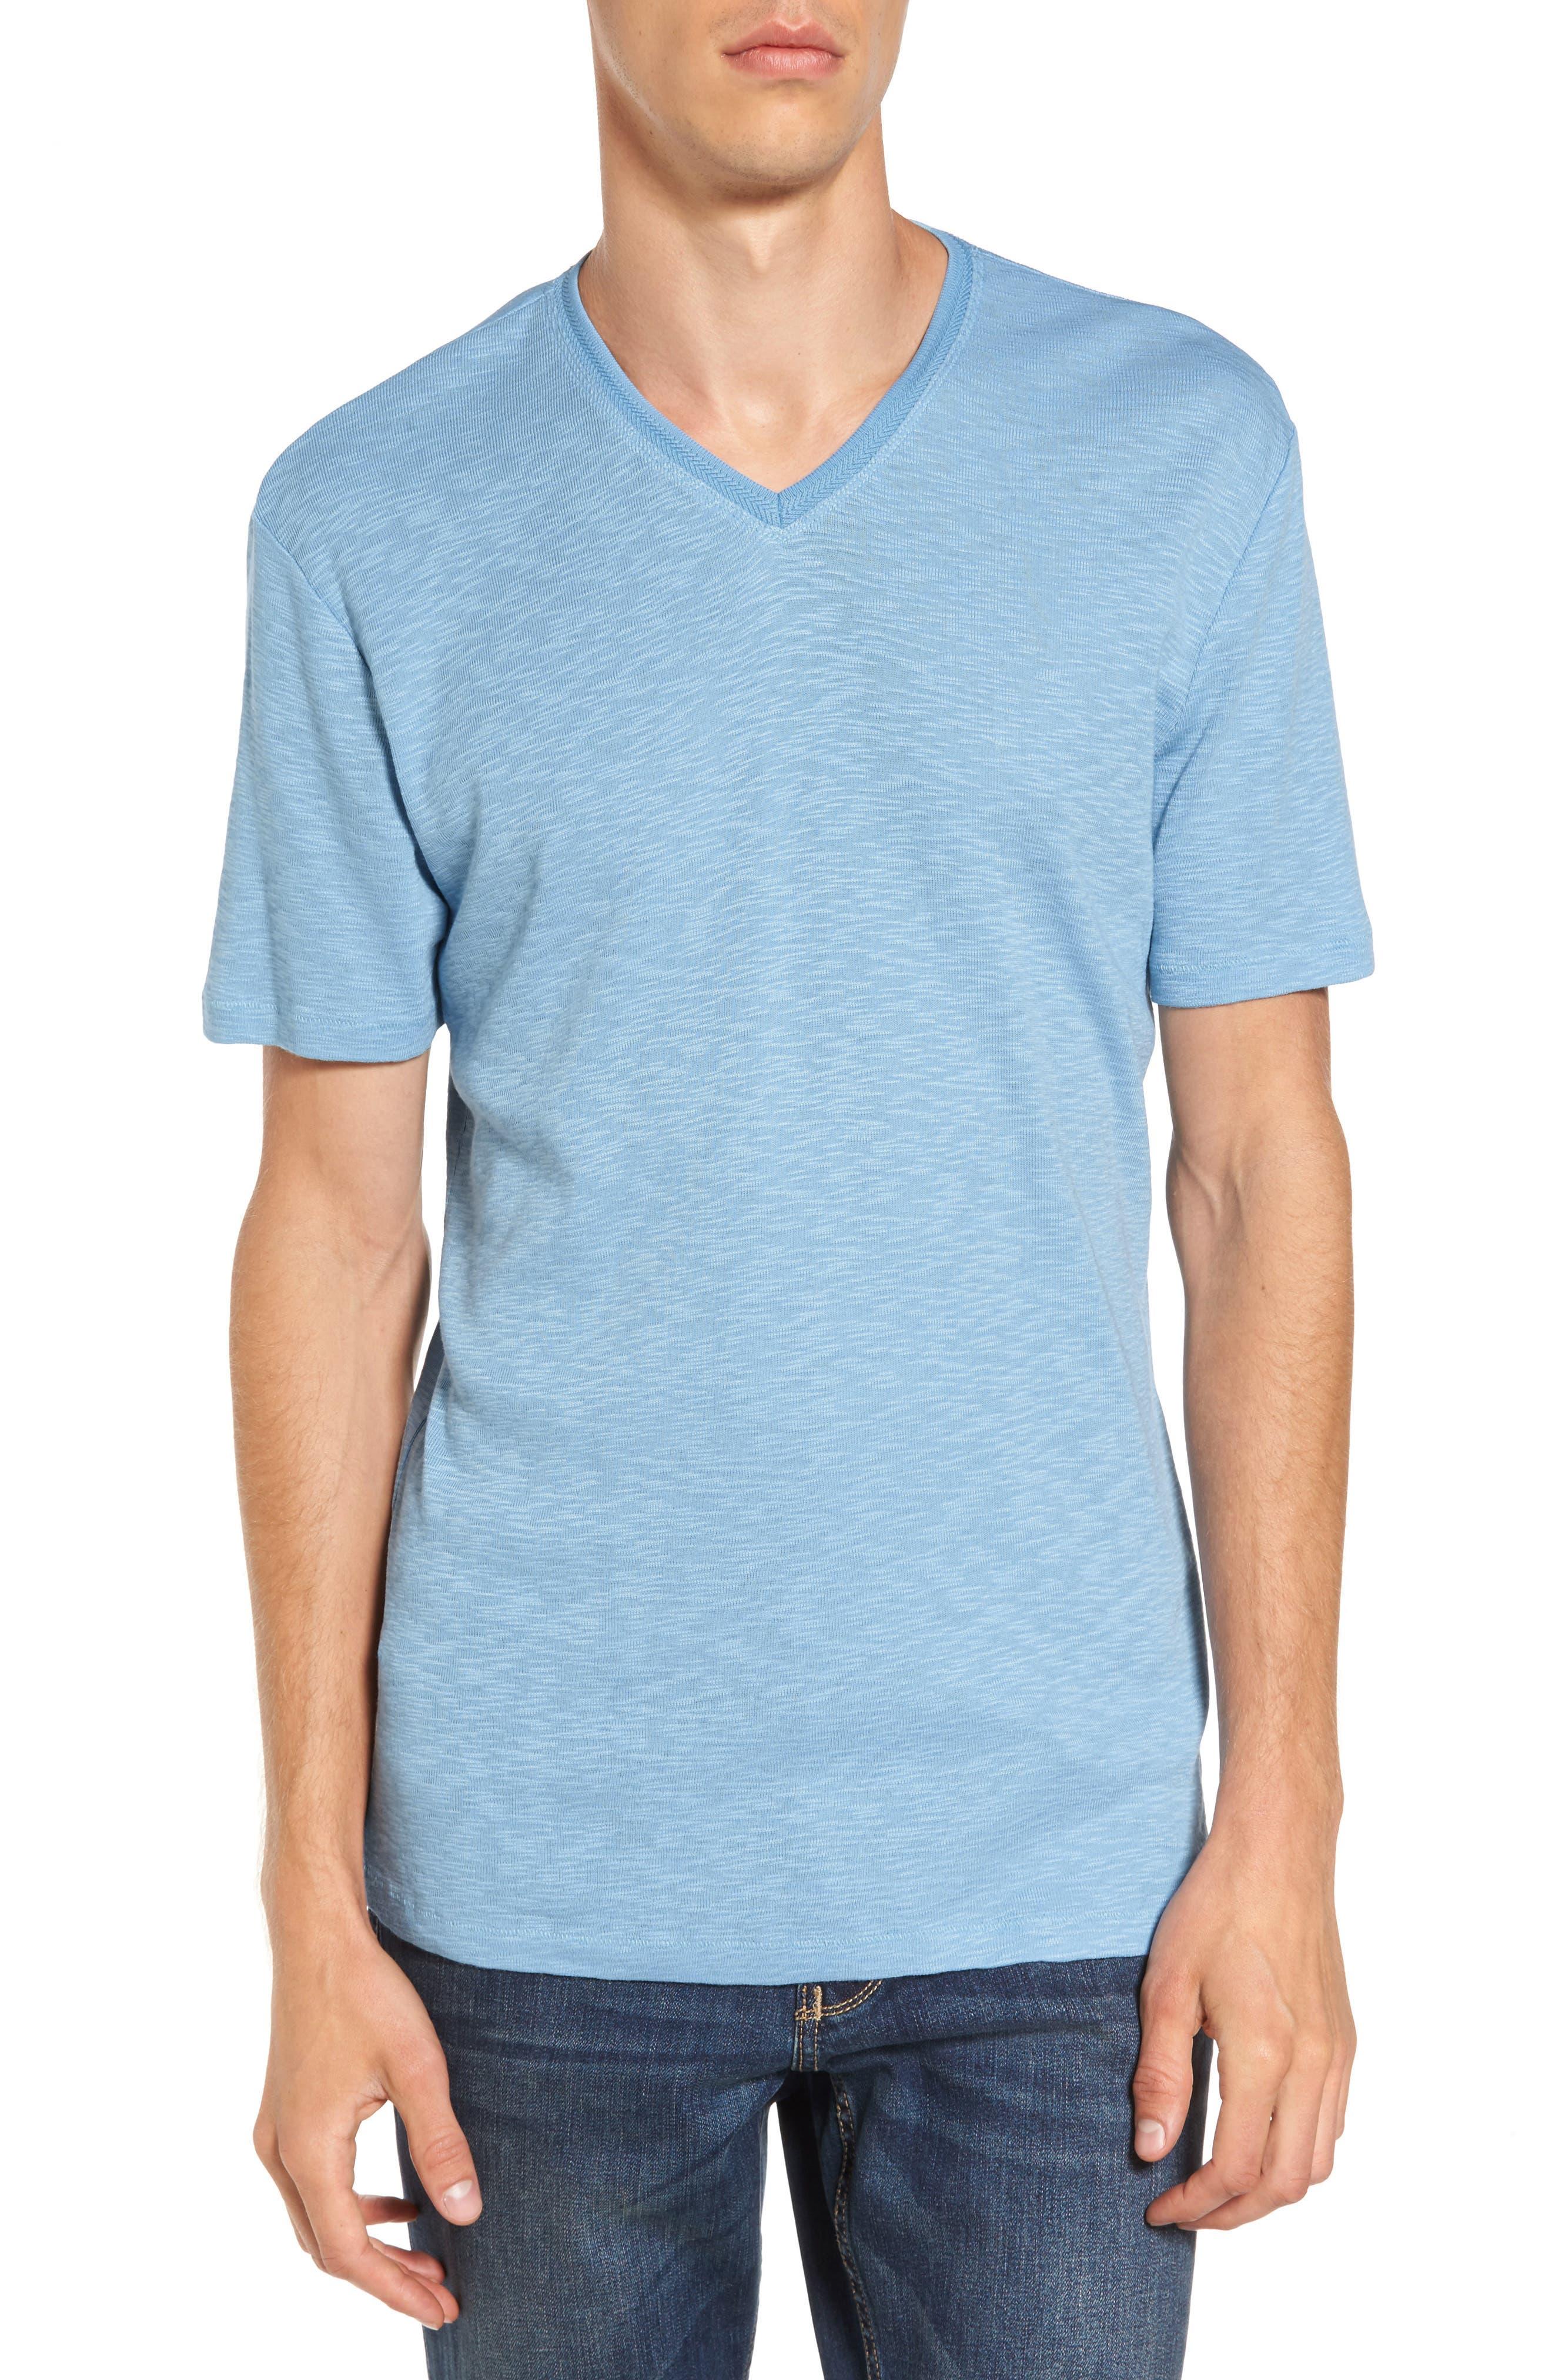 Treasure & Bond Capitola V-Neck T-Shirt